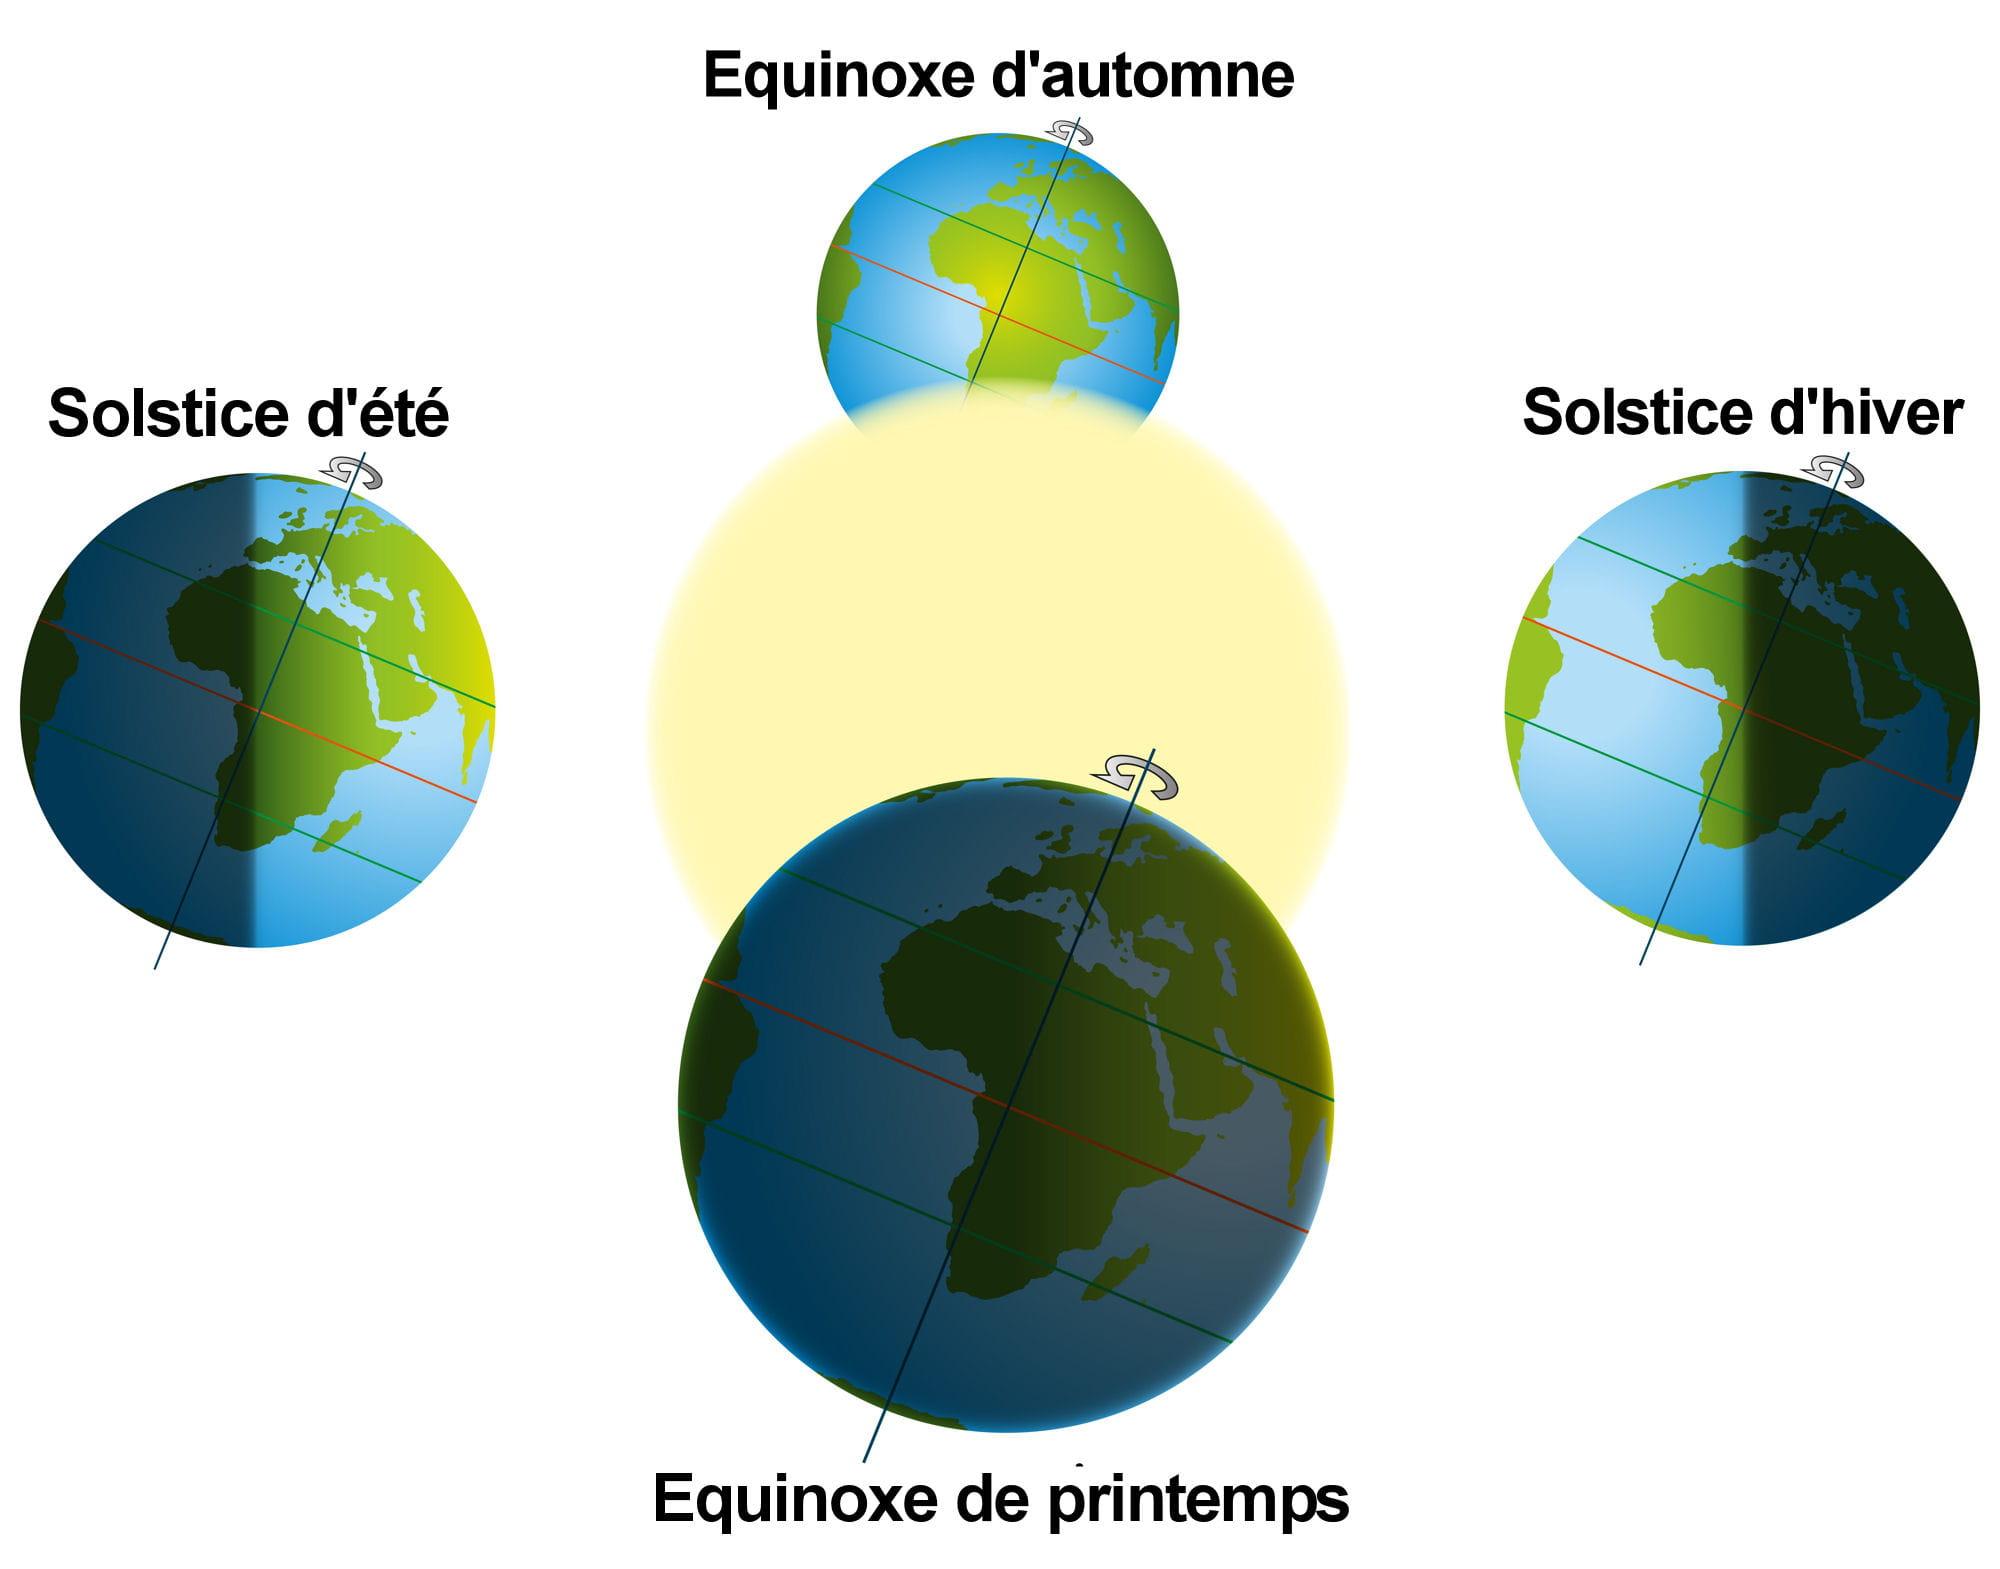 date solstice d hiver